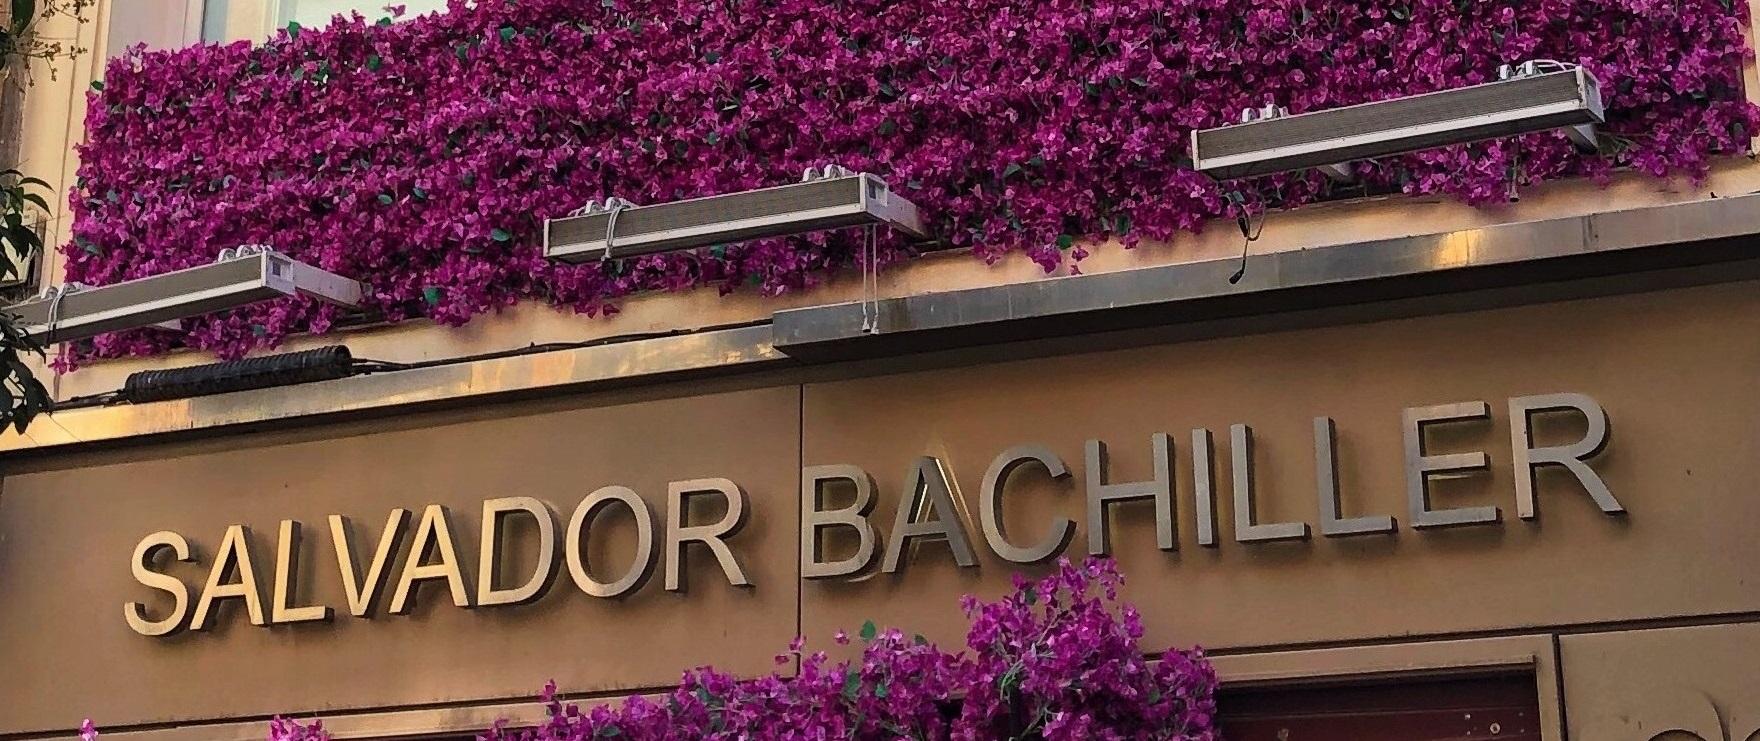 Una cena en la naturaleza en pleno centro de Madrid: El jardín Salvador Bachiller